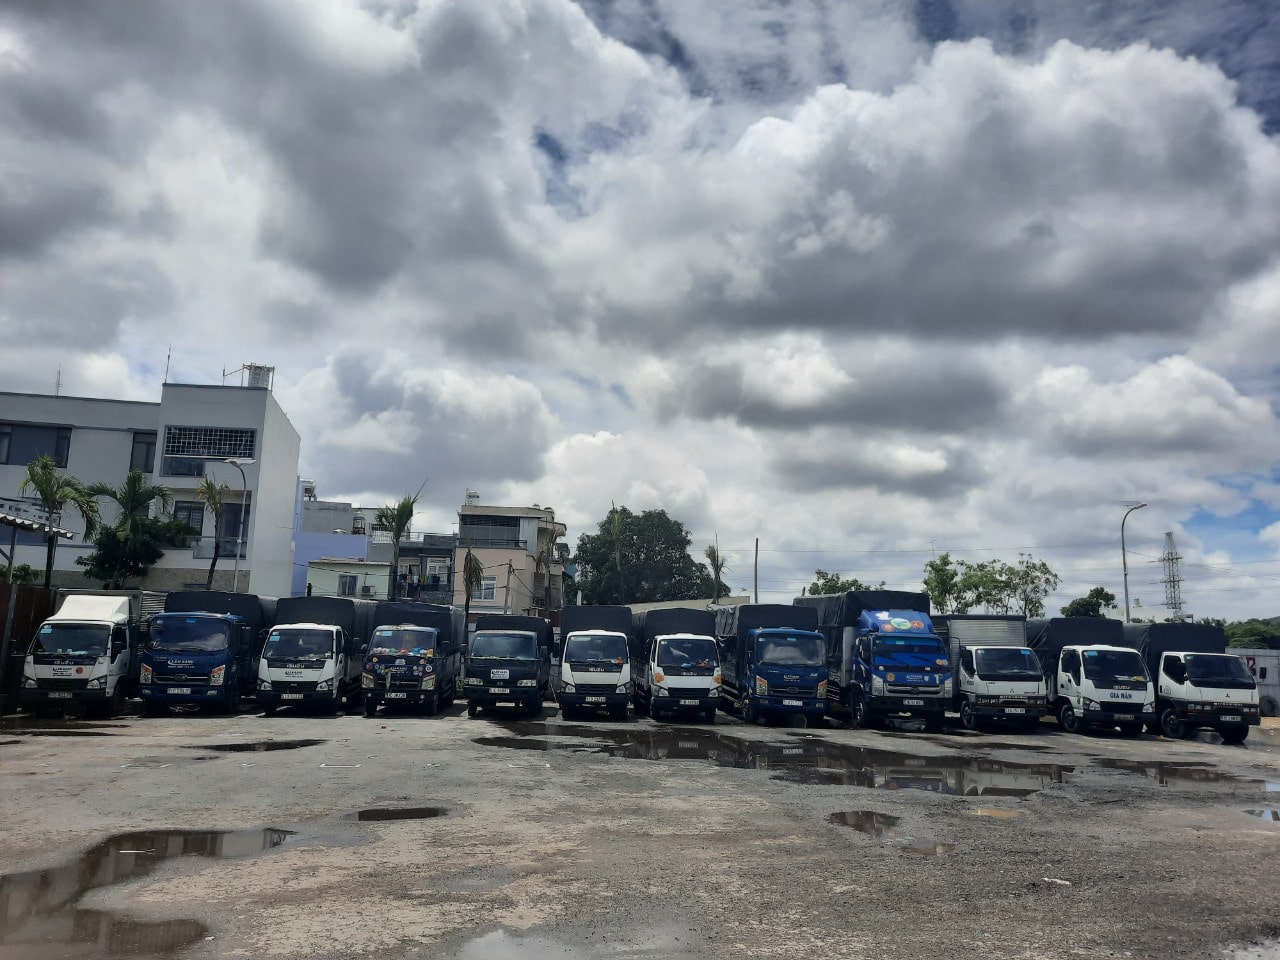 dịch vụ vận chuyển hàng giá rẻ tại bình chánh, tphcm